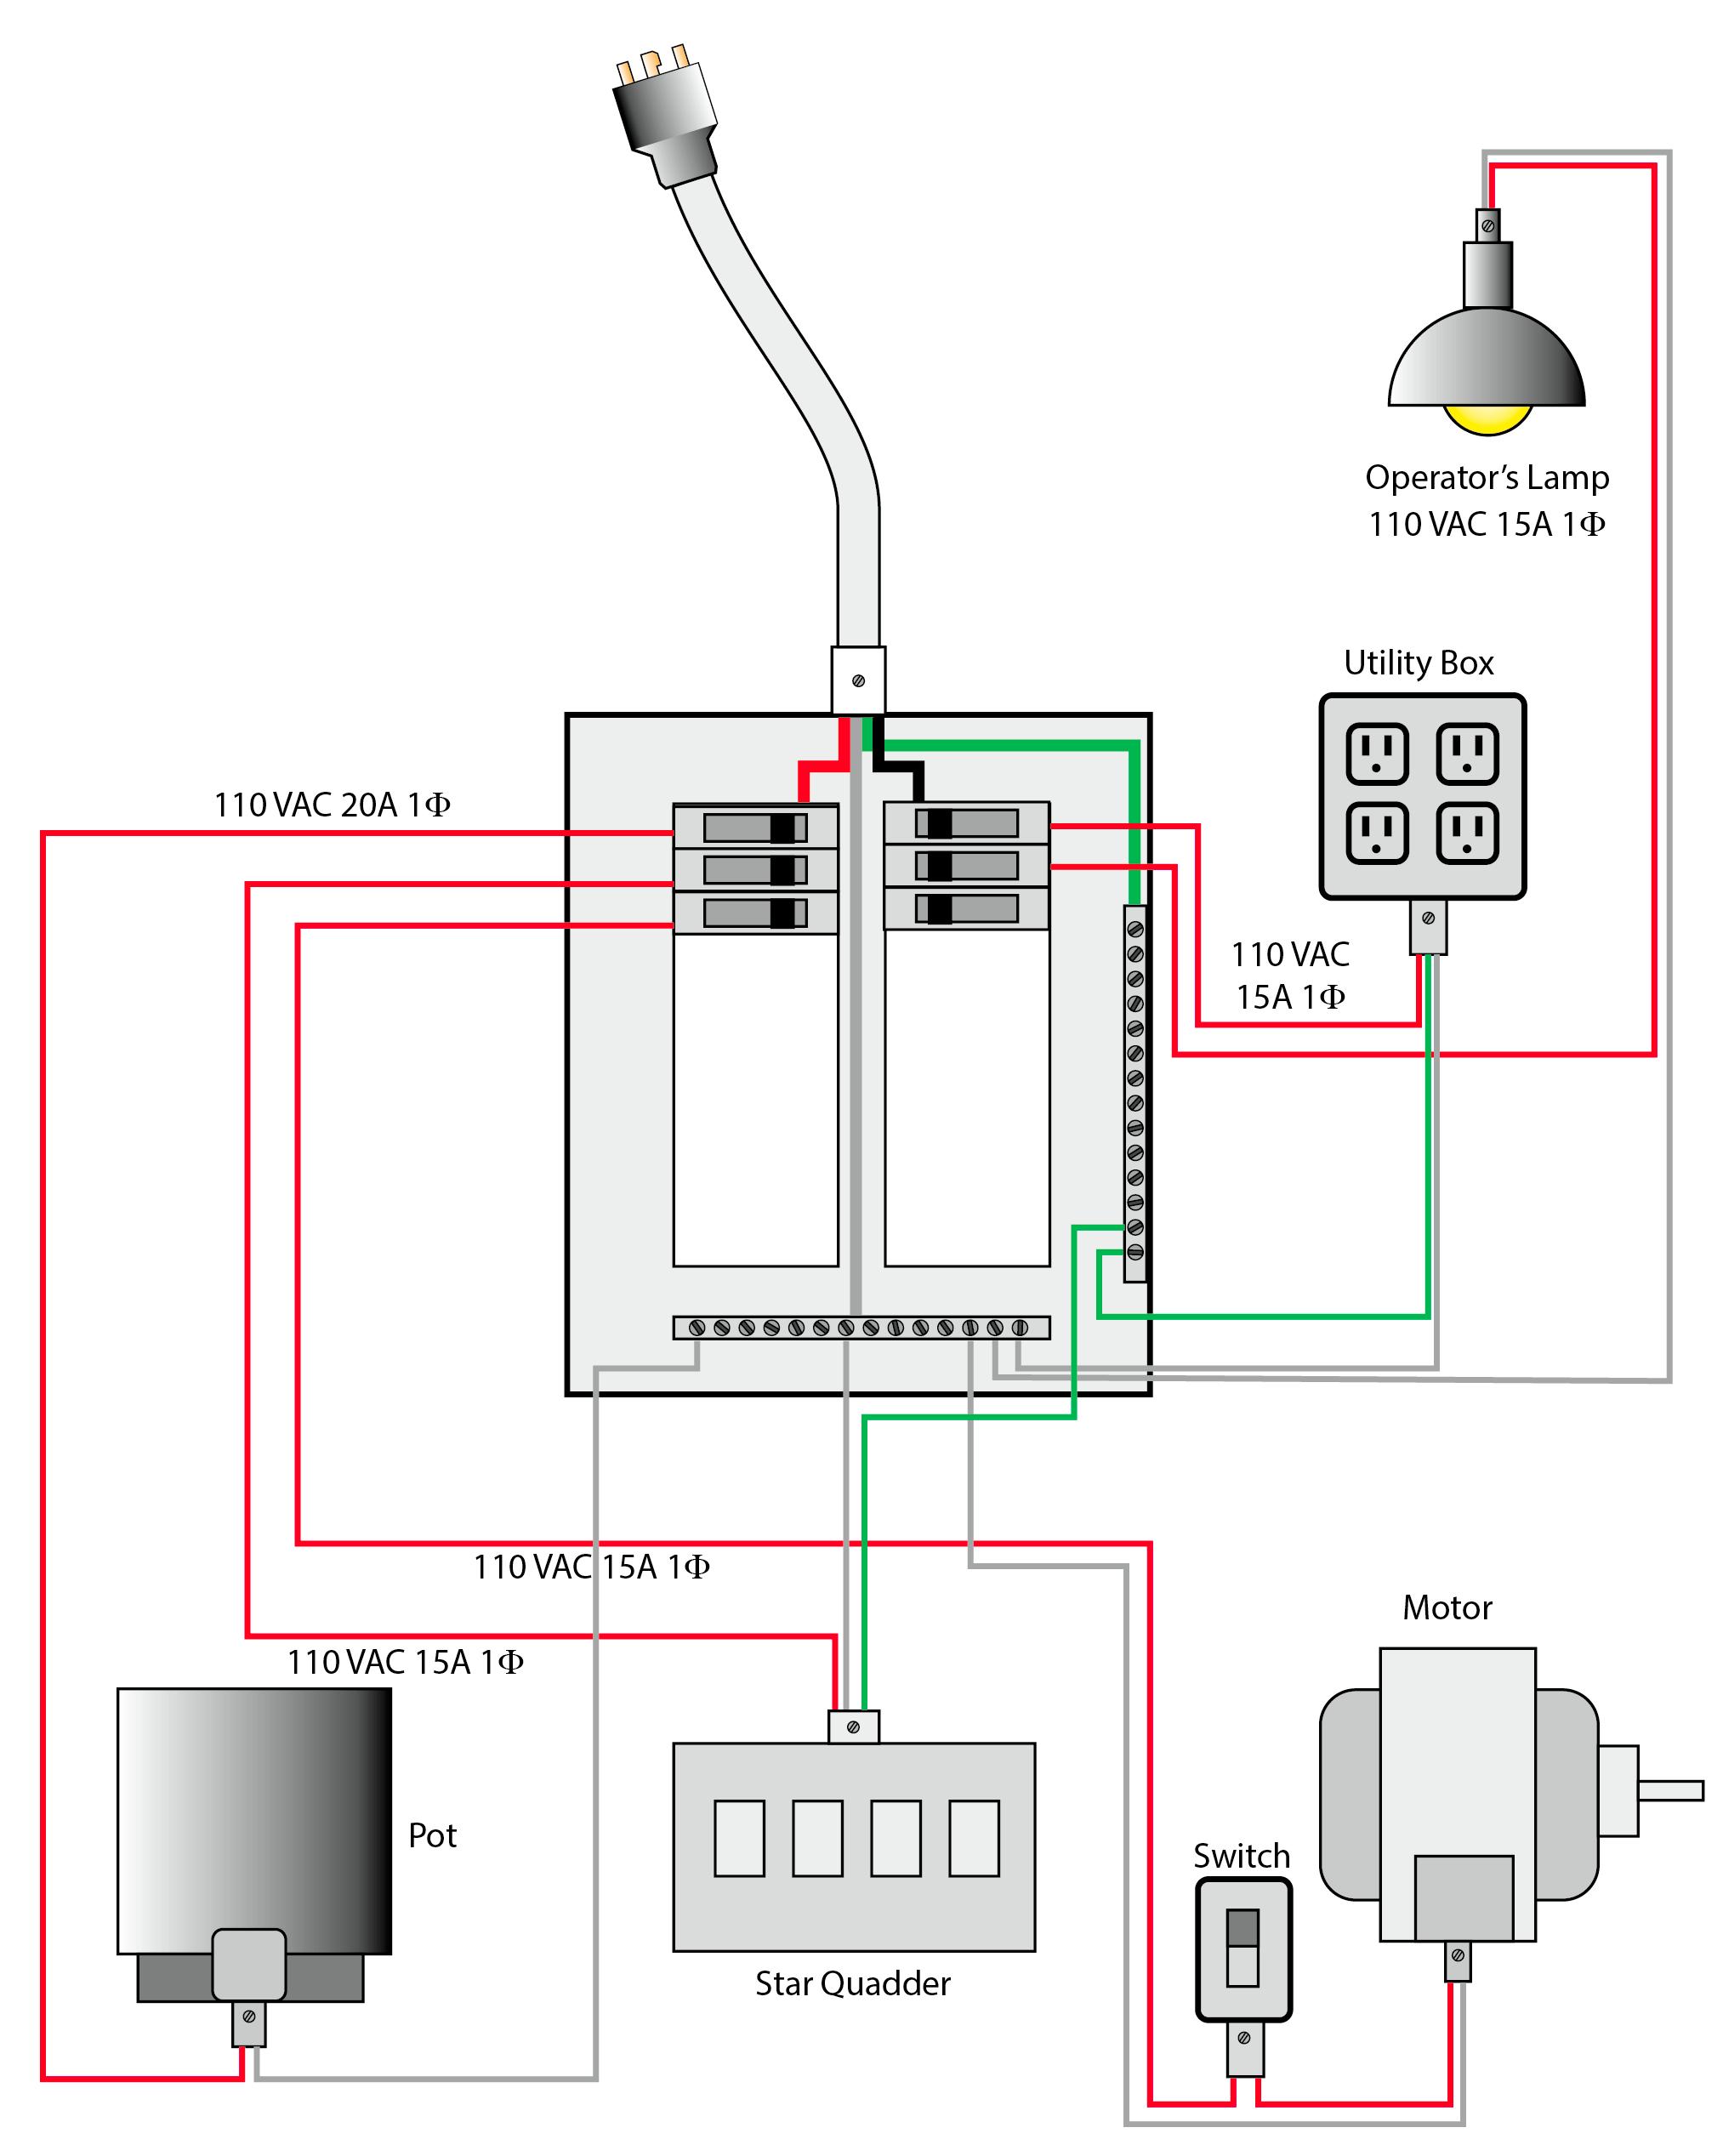 Conduit Wiring Diagram - efcaviation.com